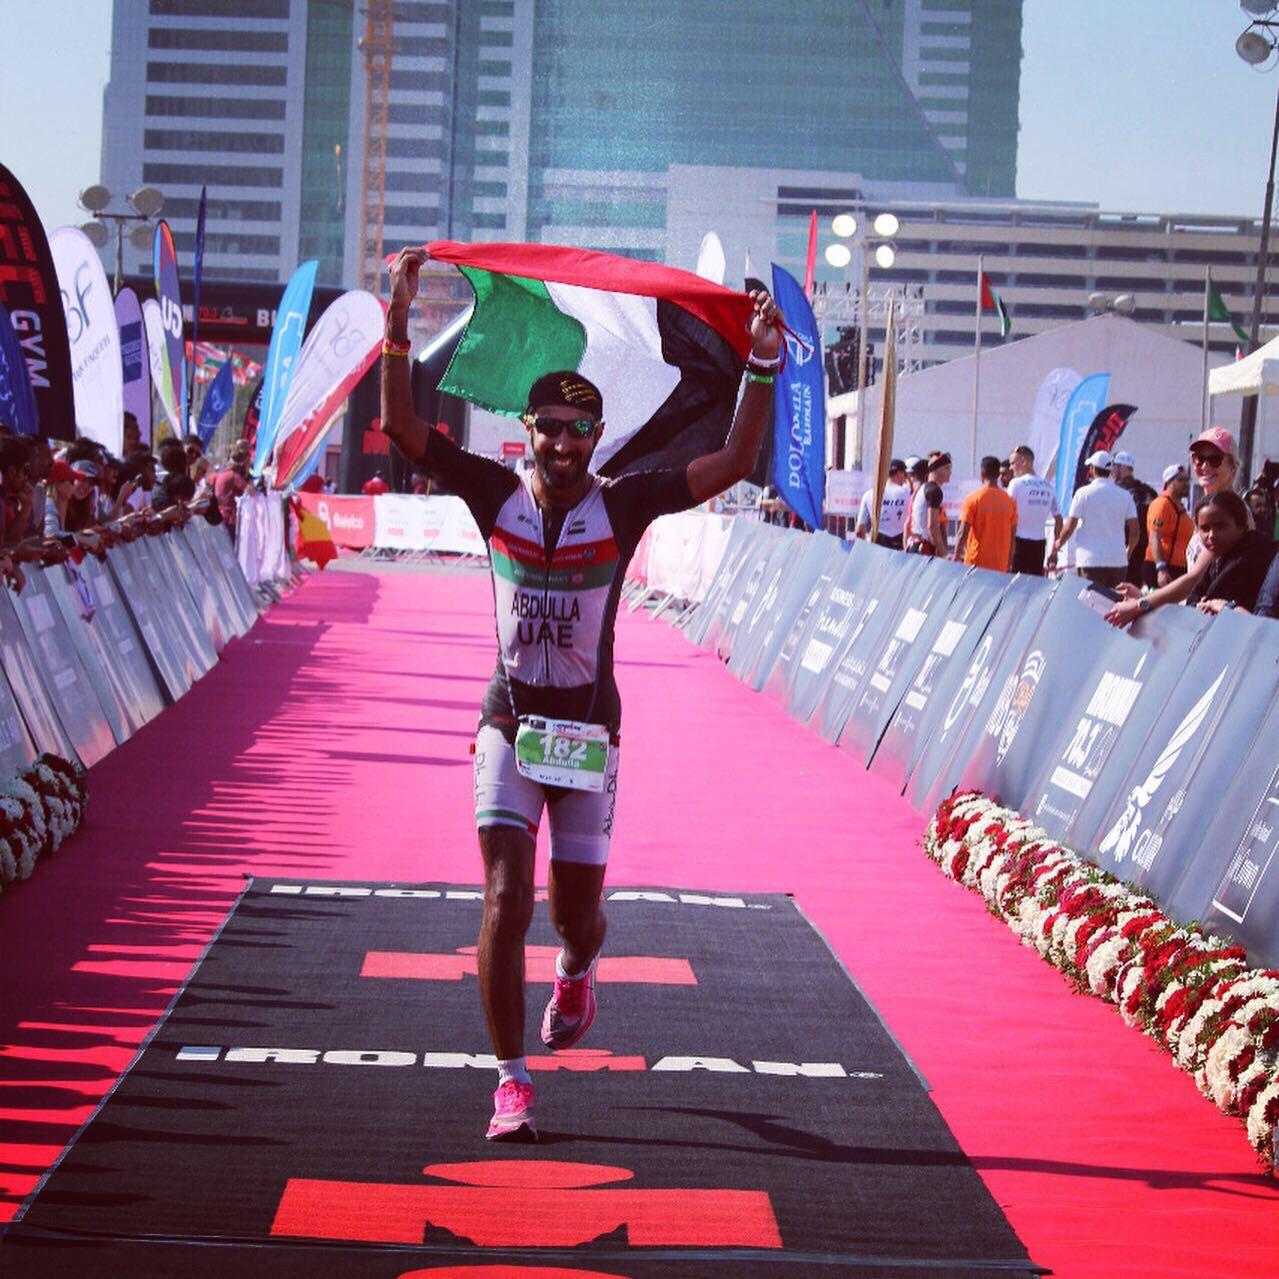 عبدالله اللقيطي يتأهل لبطولة العالم للرجل الحديدي - نيوزلندا